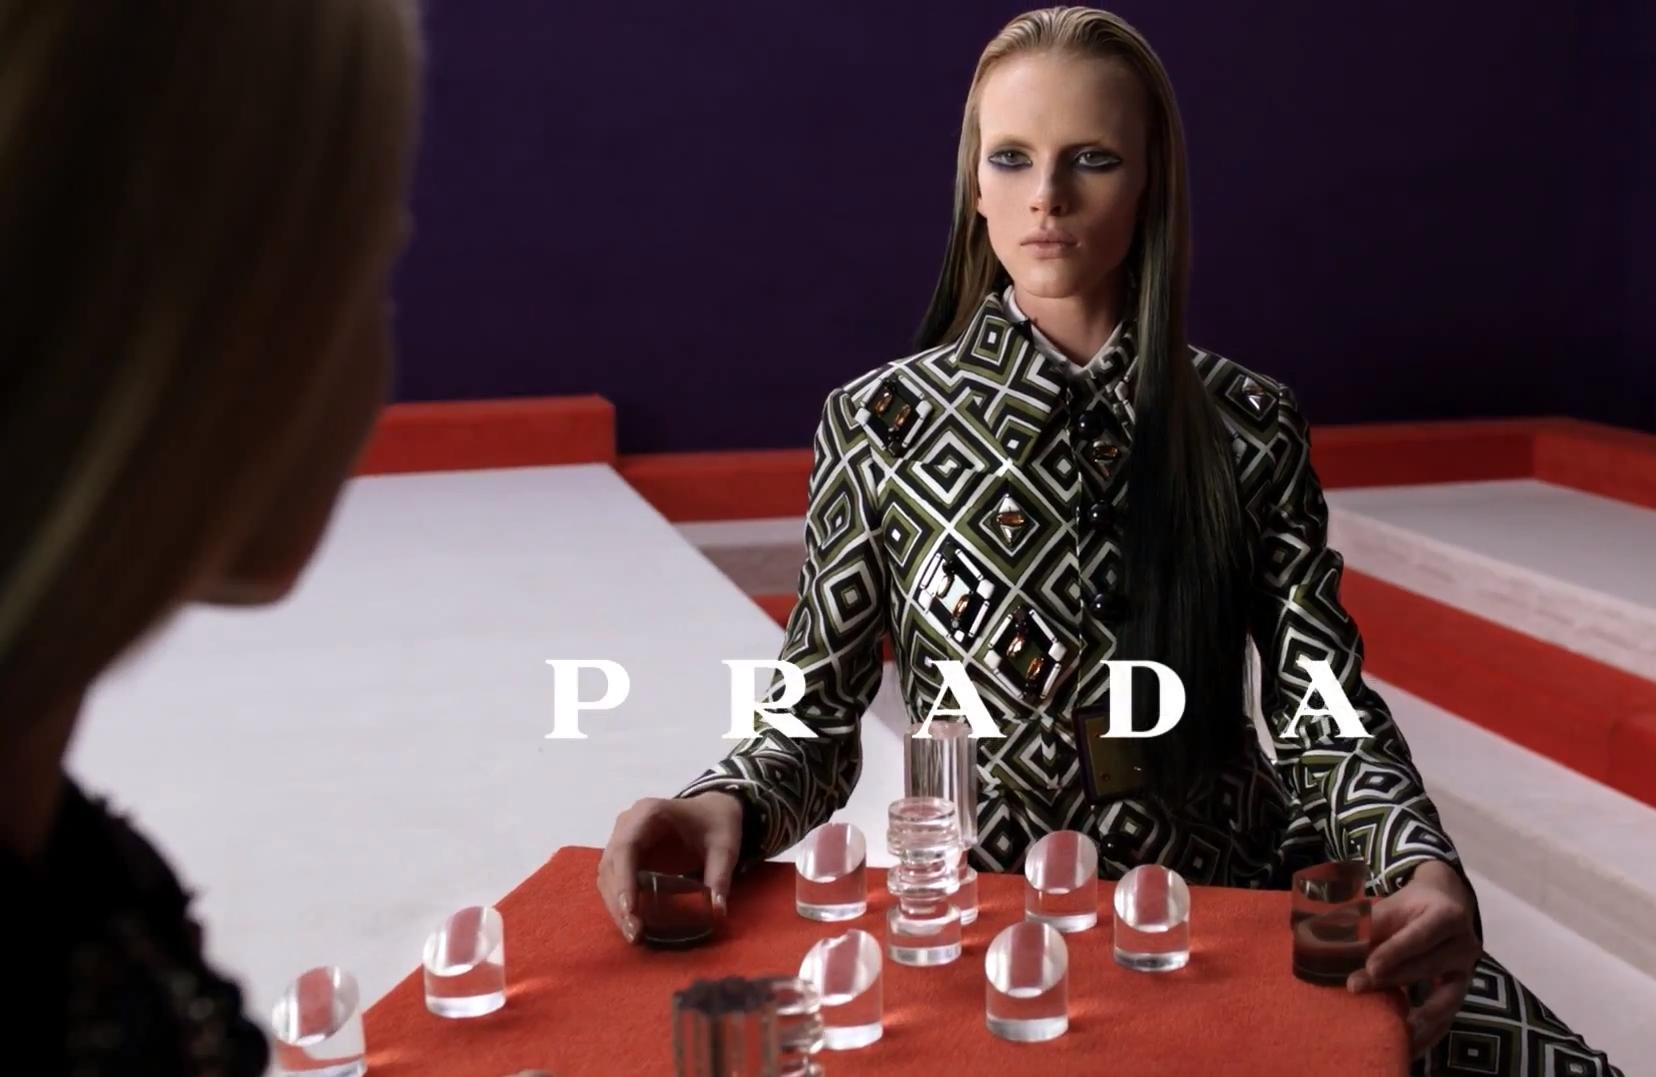 chess games Prada